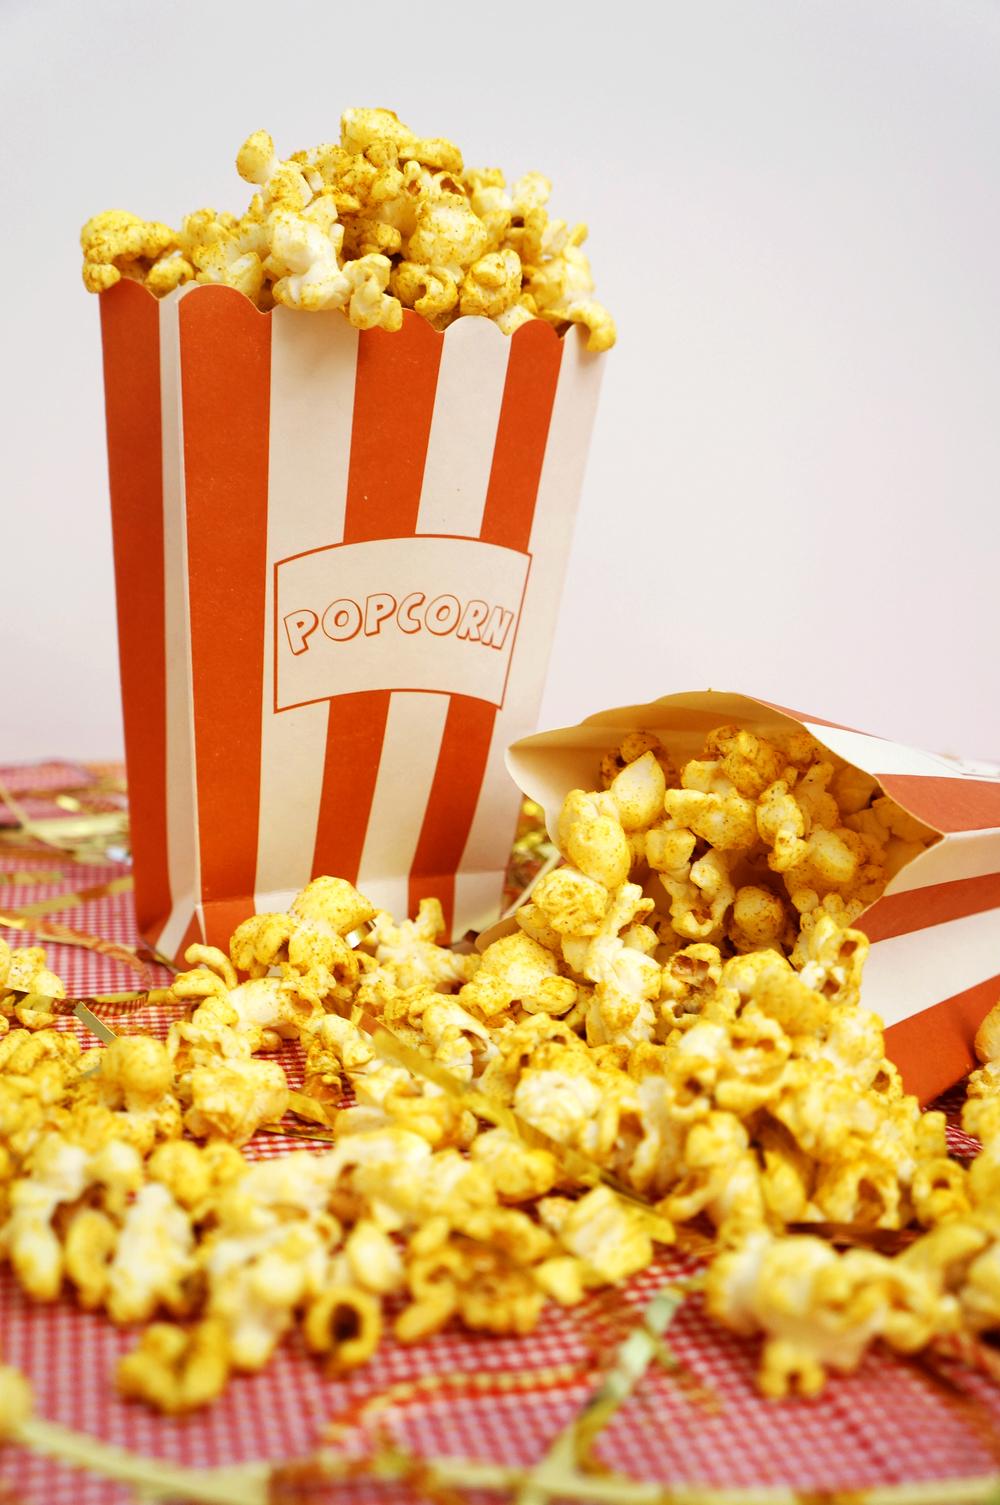 thegirlcaneat-golden-popcorn